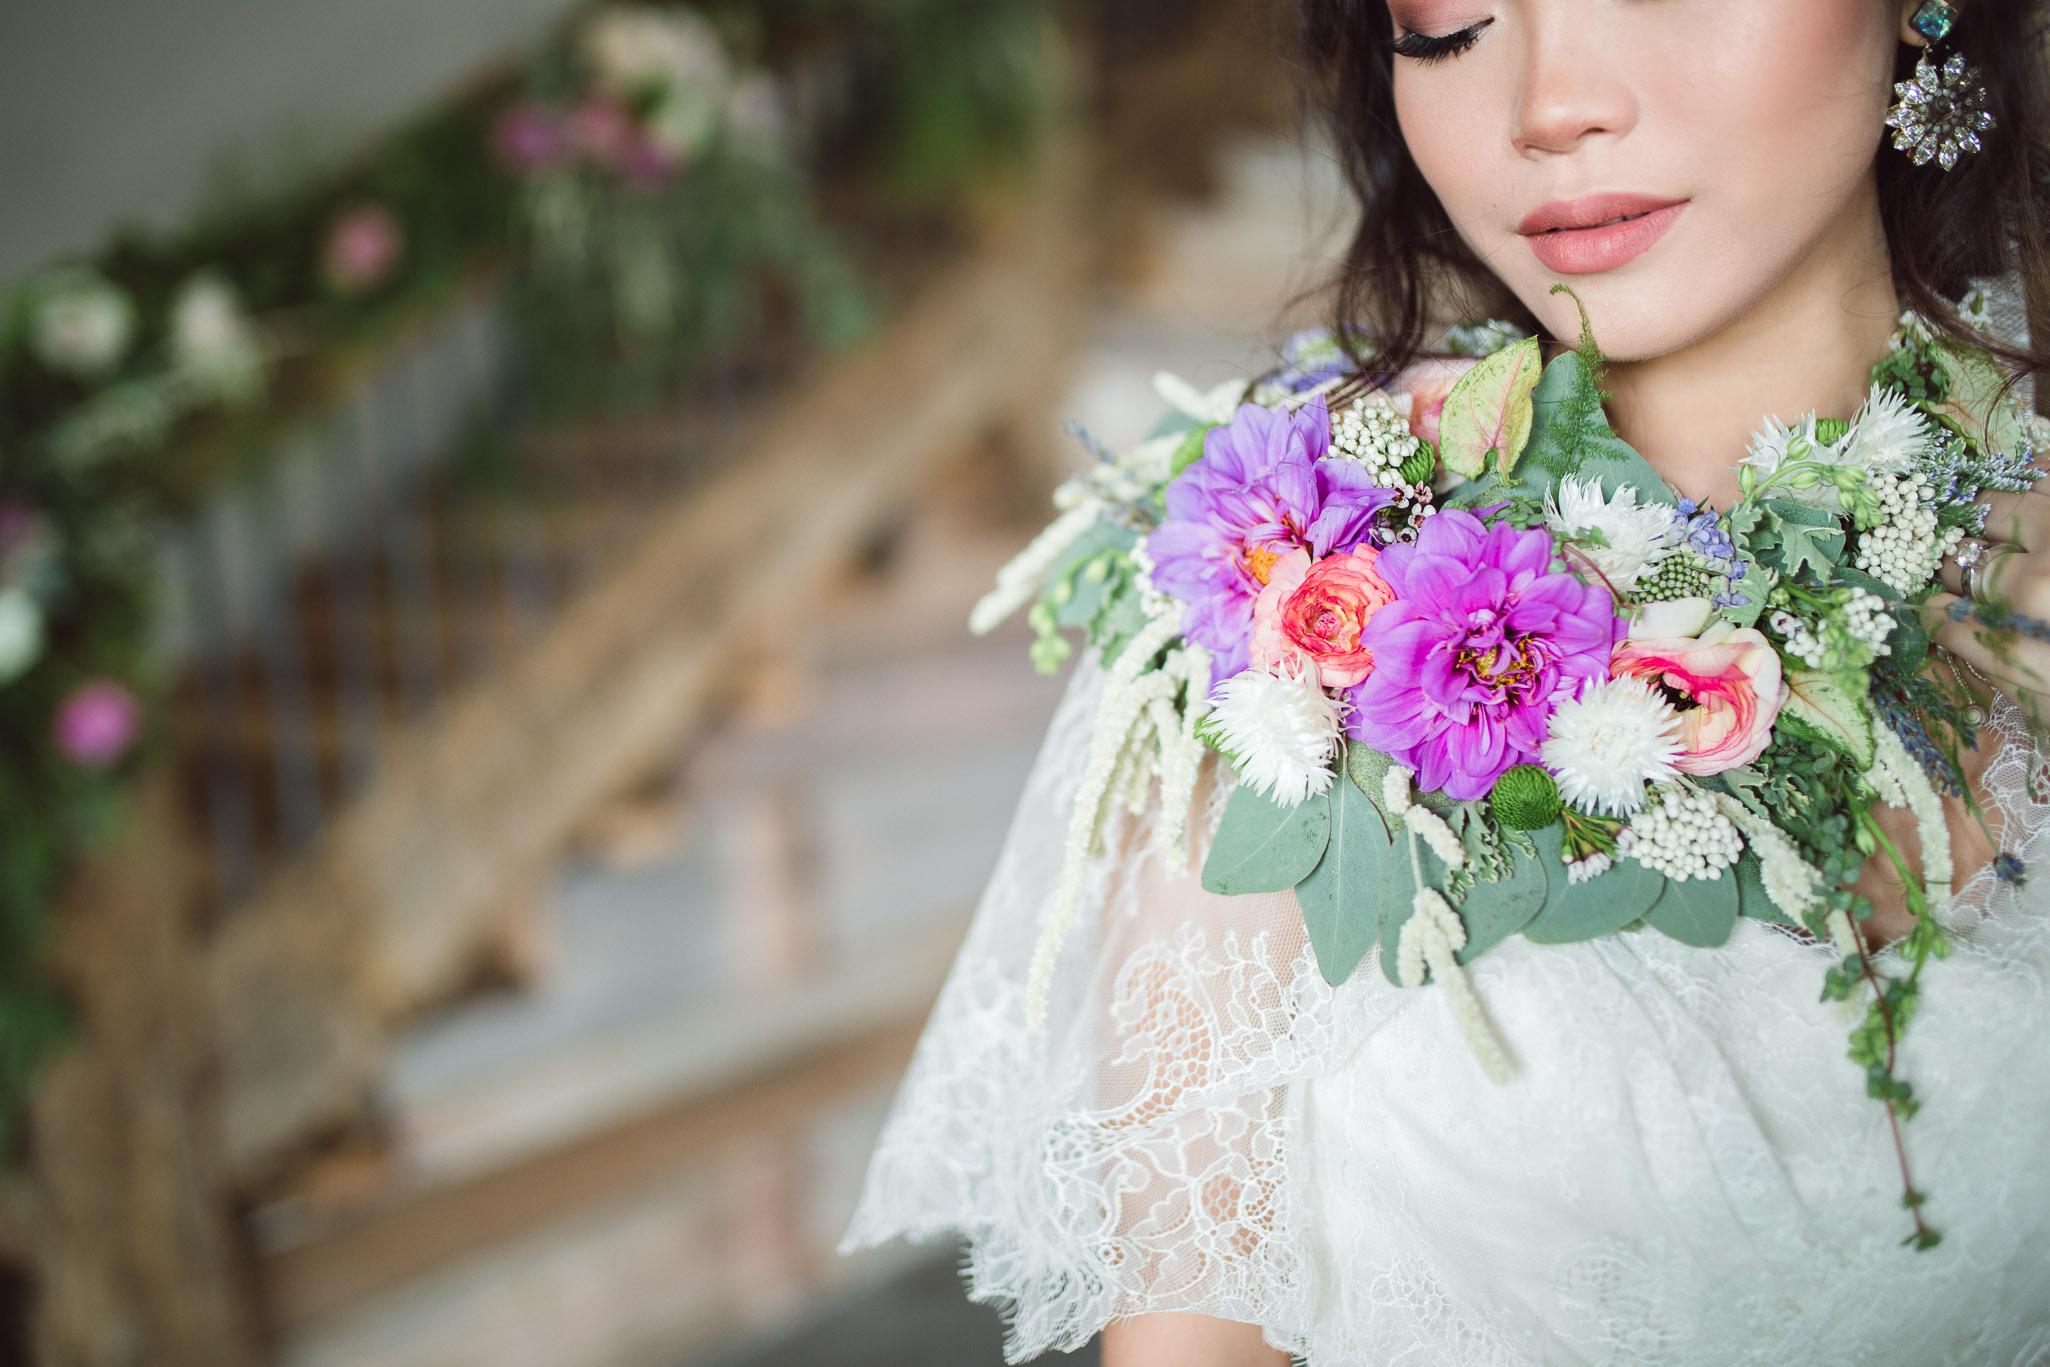 KC florist kc wedding florist kc flowers the abbott kc